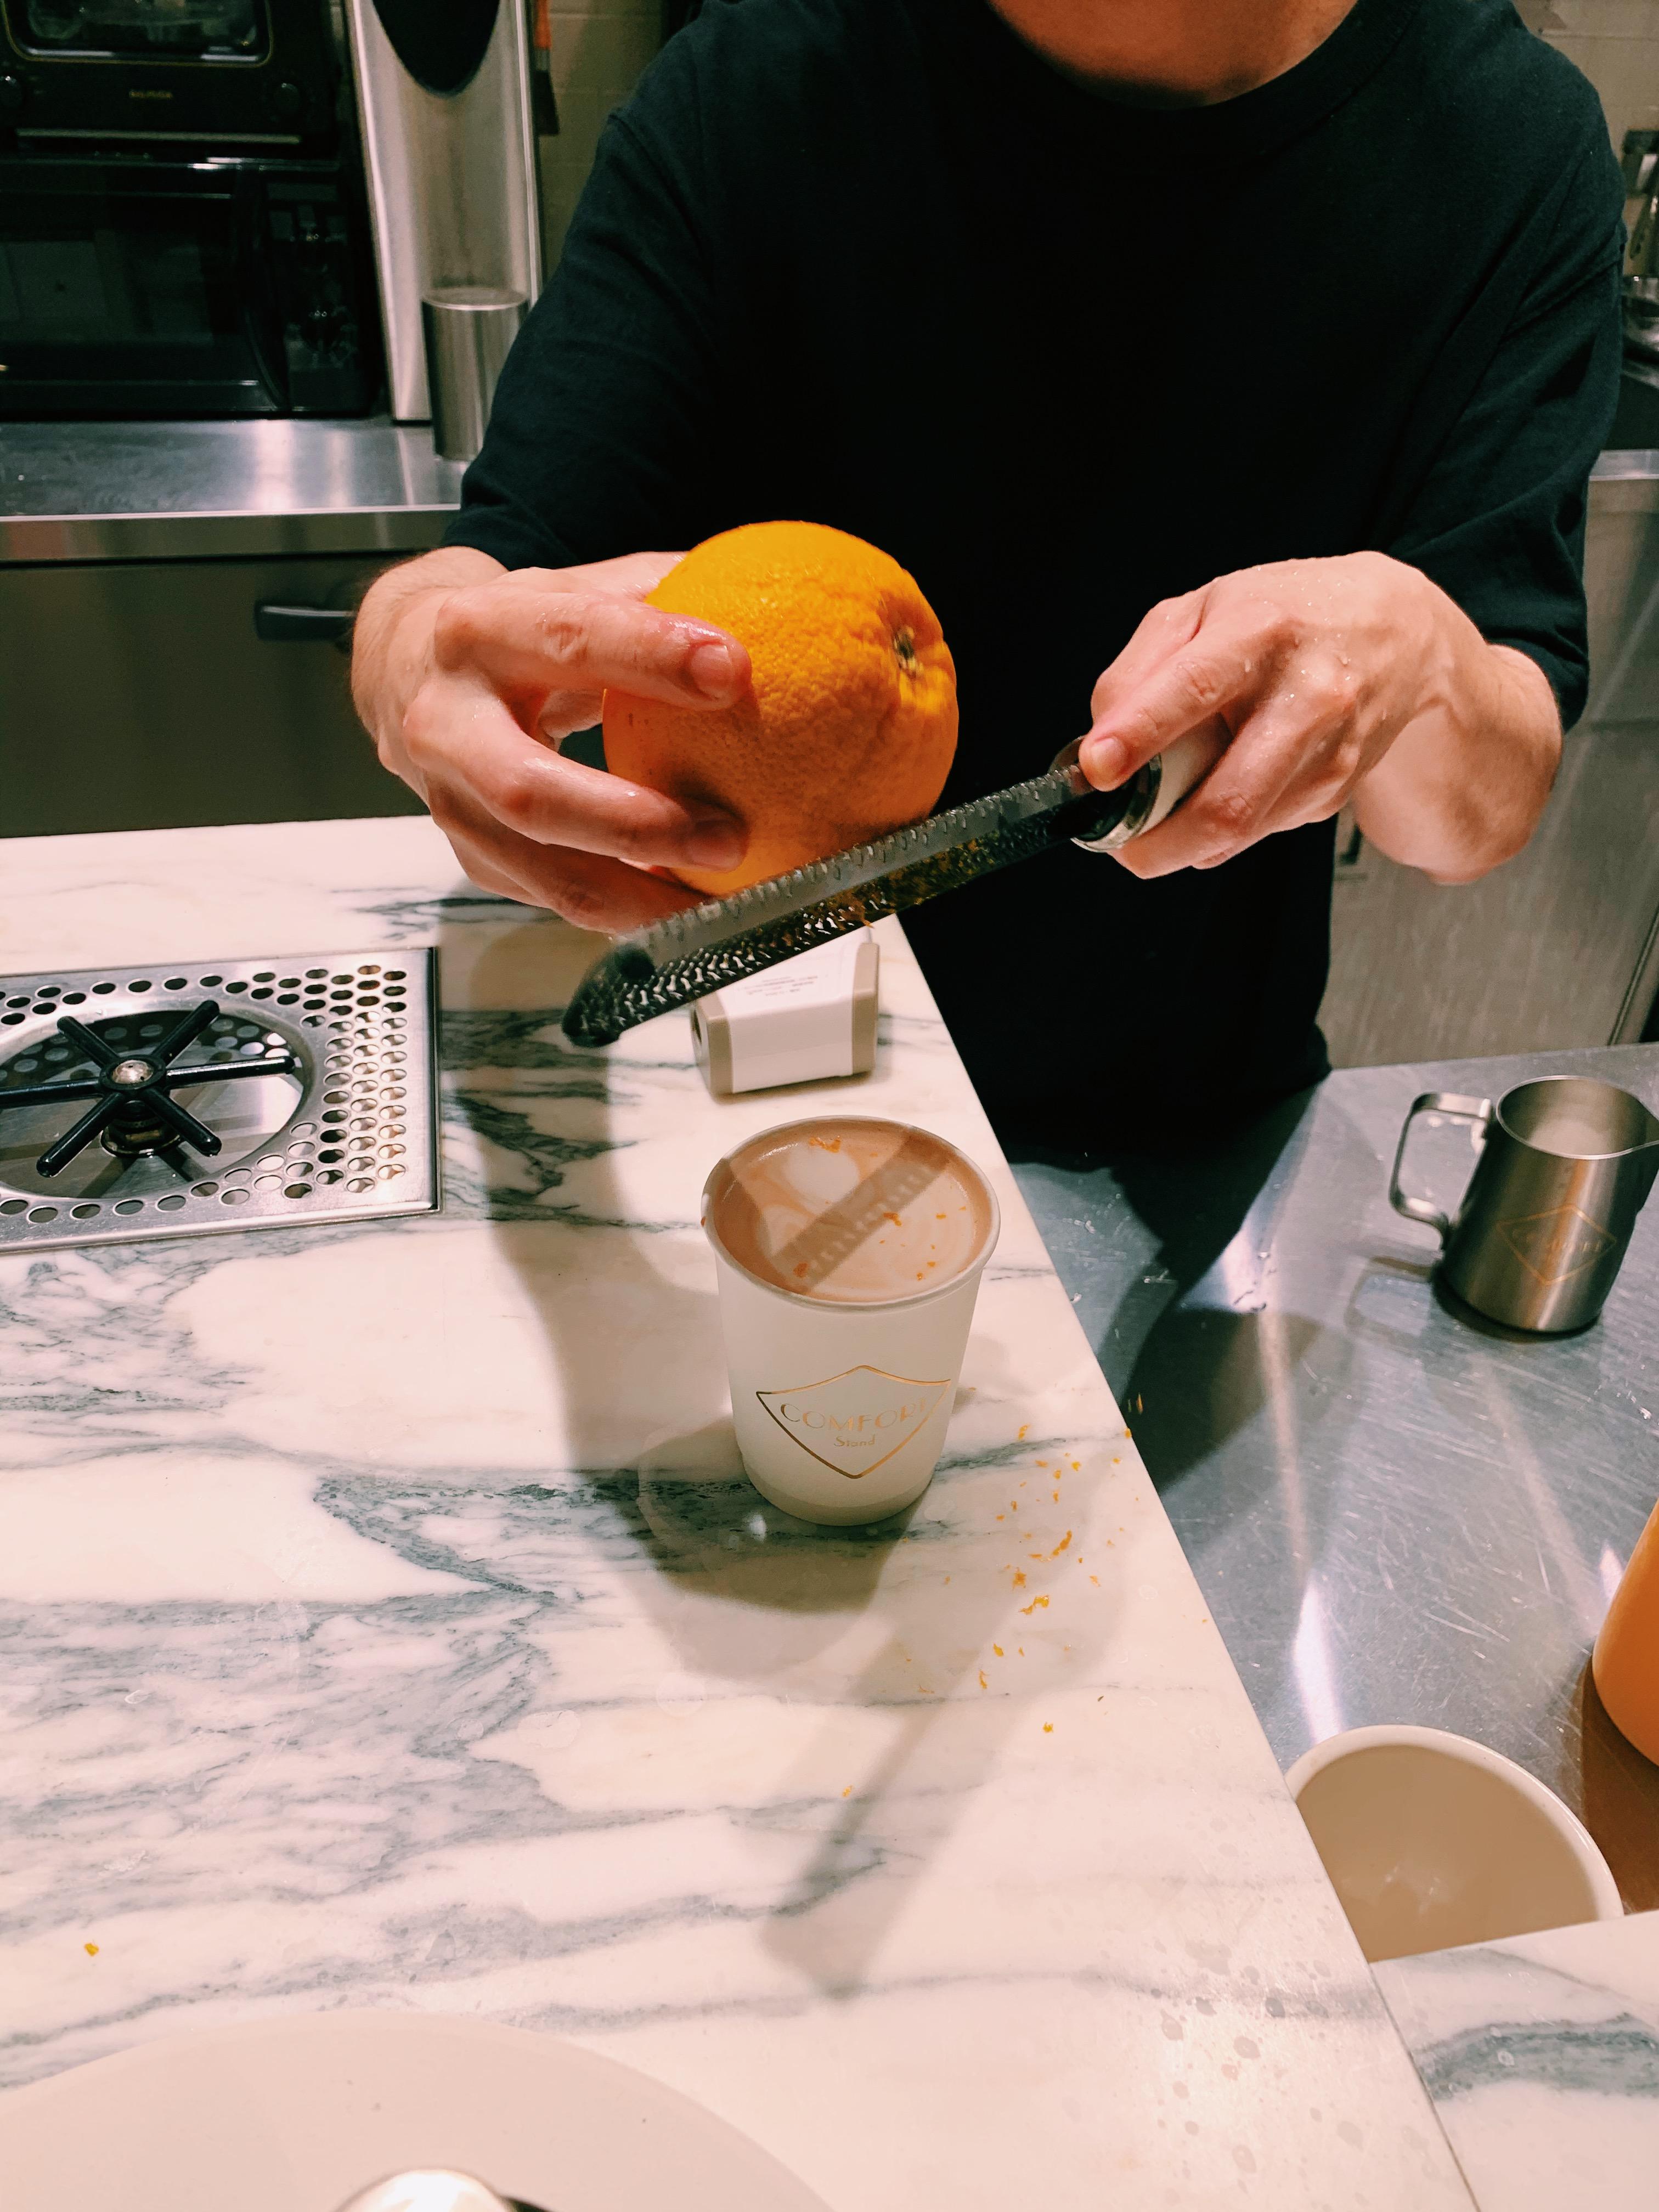 【おすすめカフェ】《オレンジ香るカフェモカ×オーツミルク》でヘルシーに♡_6